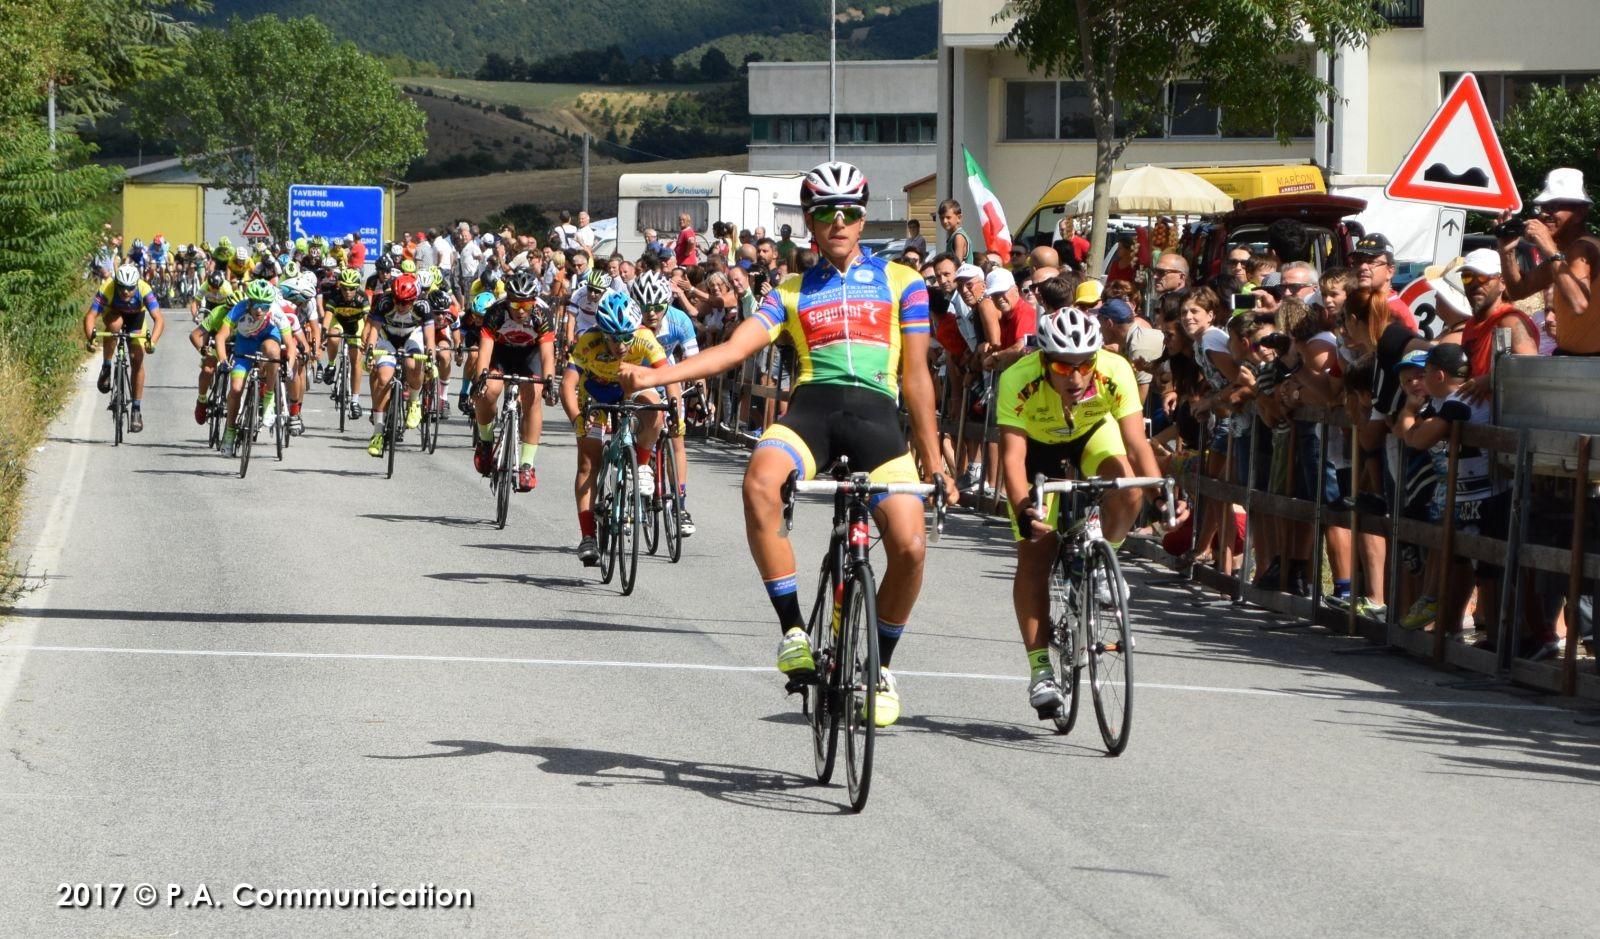 L'arrivo della gara Esordienti 1° anno di Colfiorito